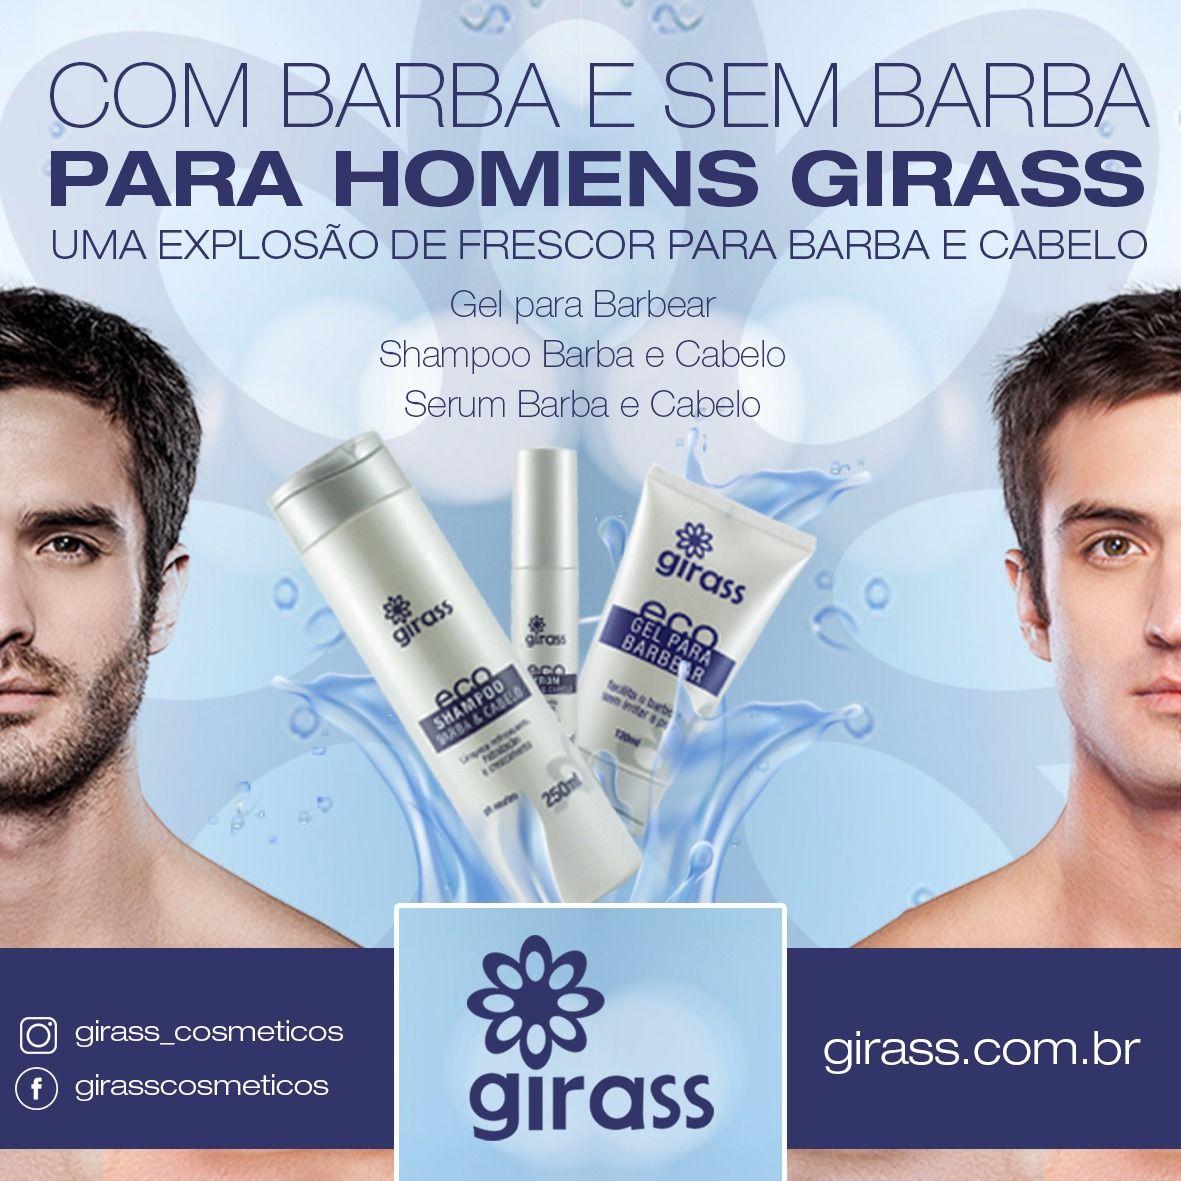 Kit Girass Barba e Cabelo